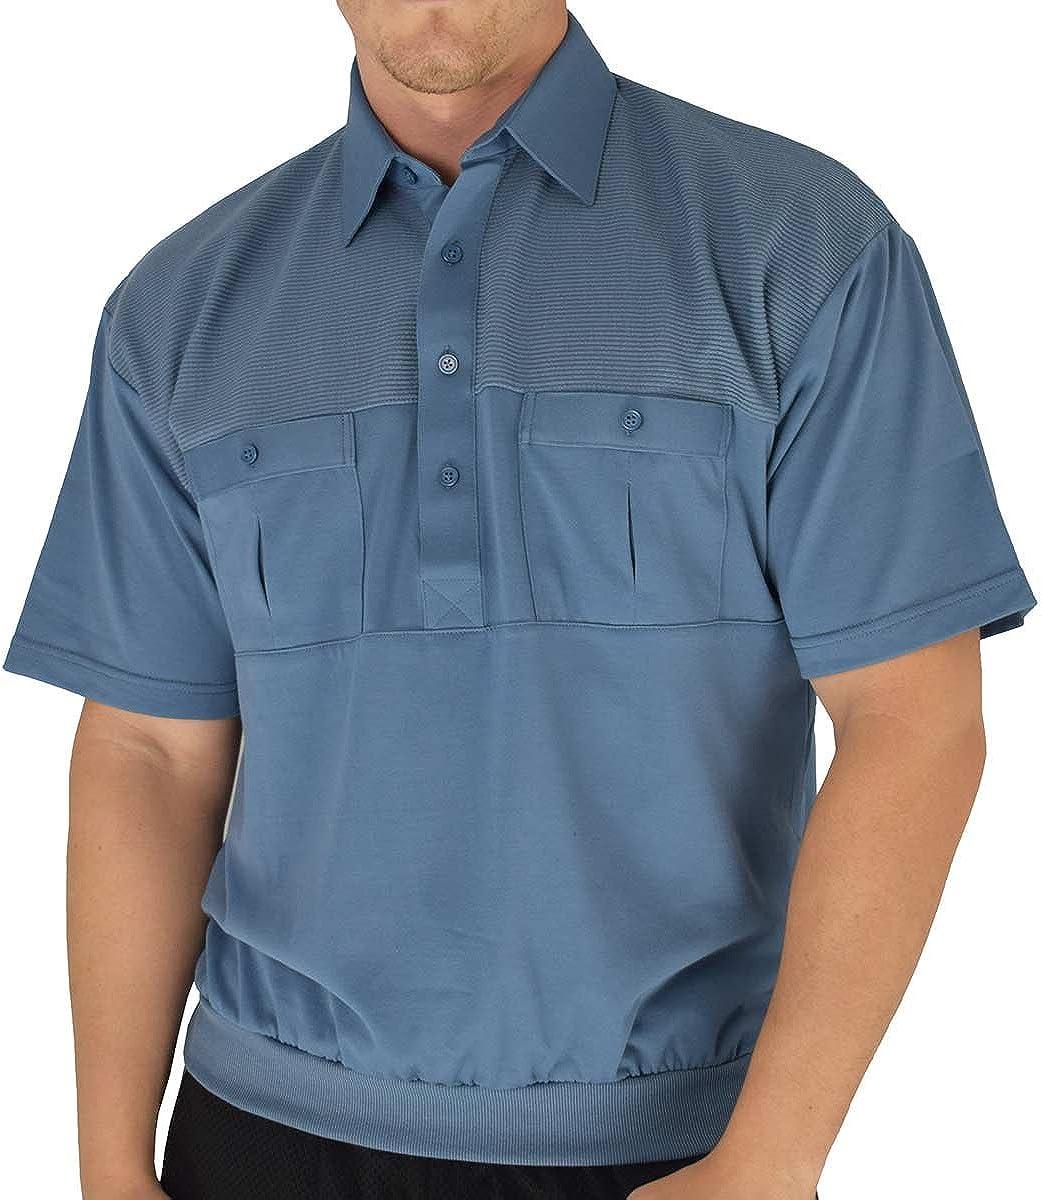 Palmland Classic 2 Pocket Solid Banded Bottom Polo Shirt Big and Tall